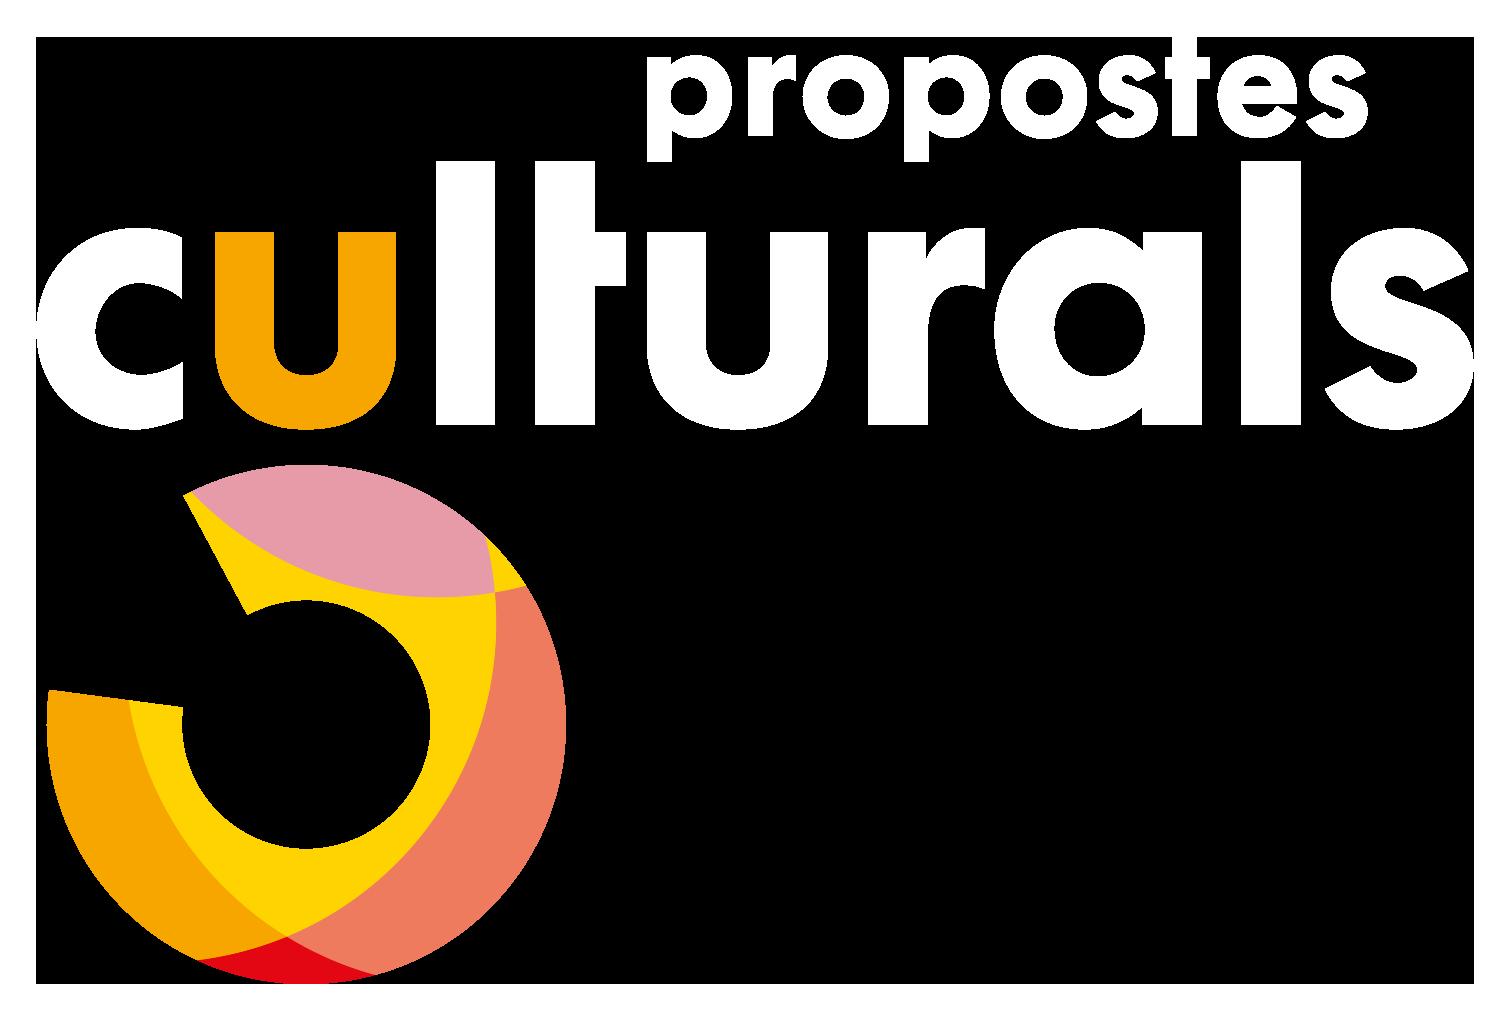 logo_culturals_neg